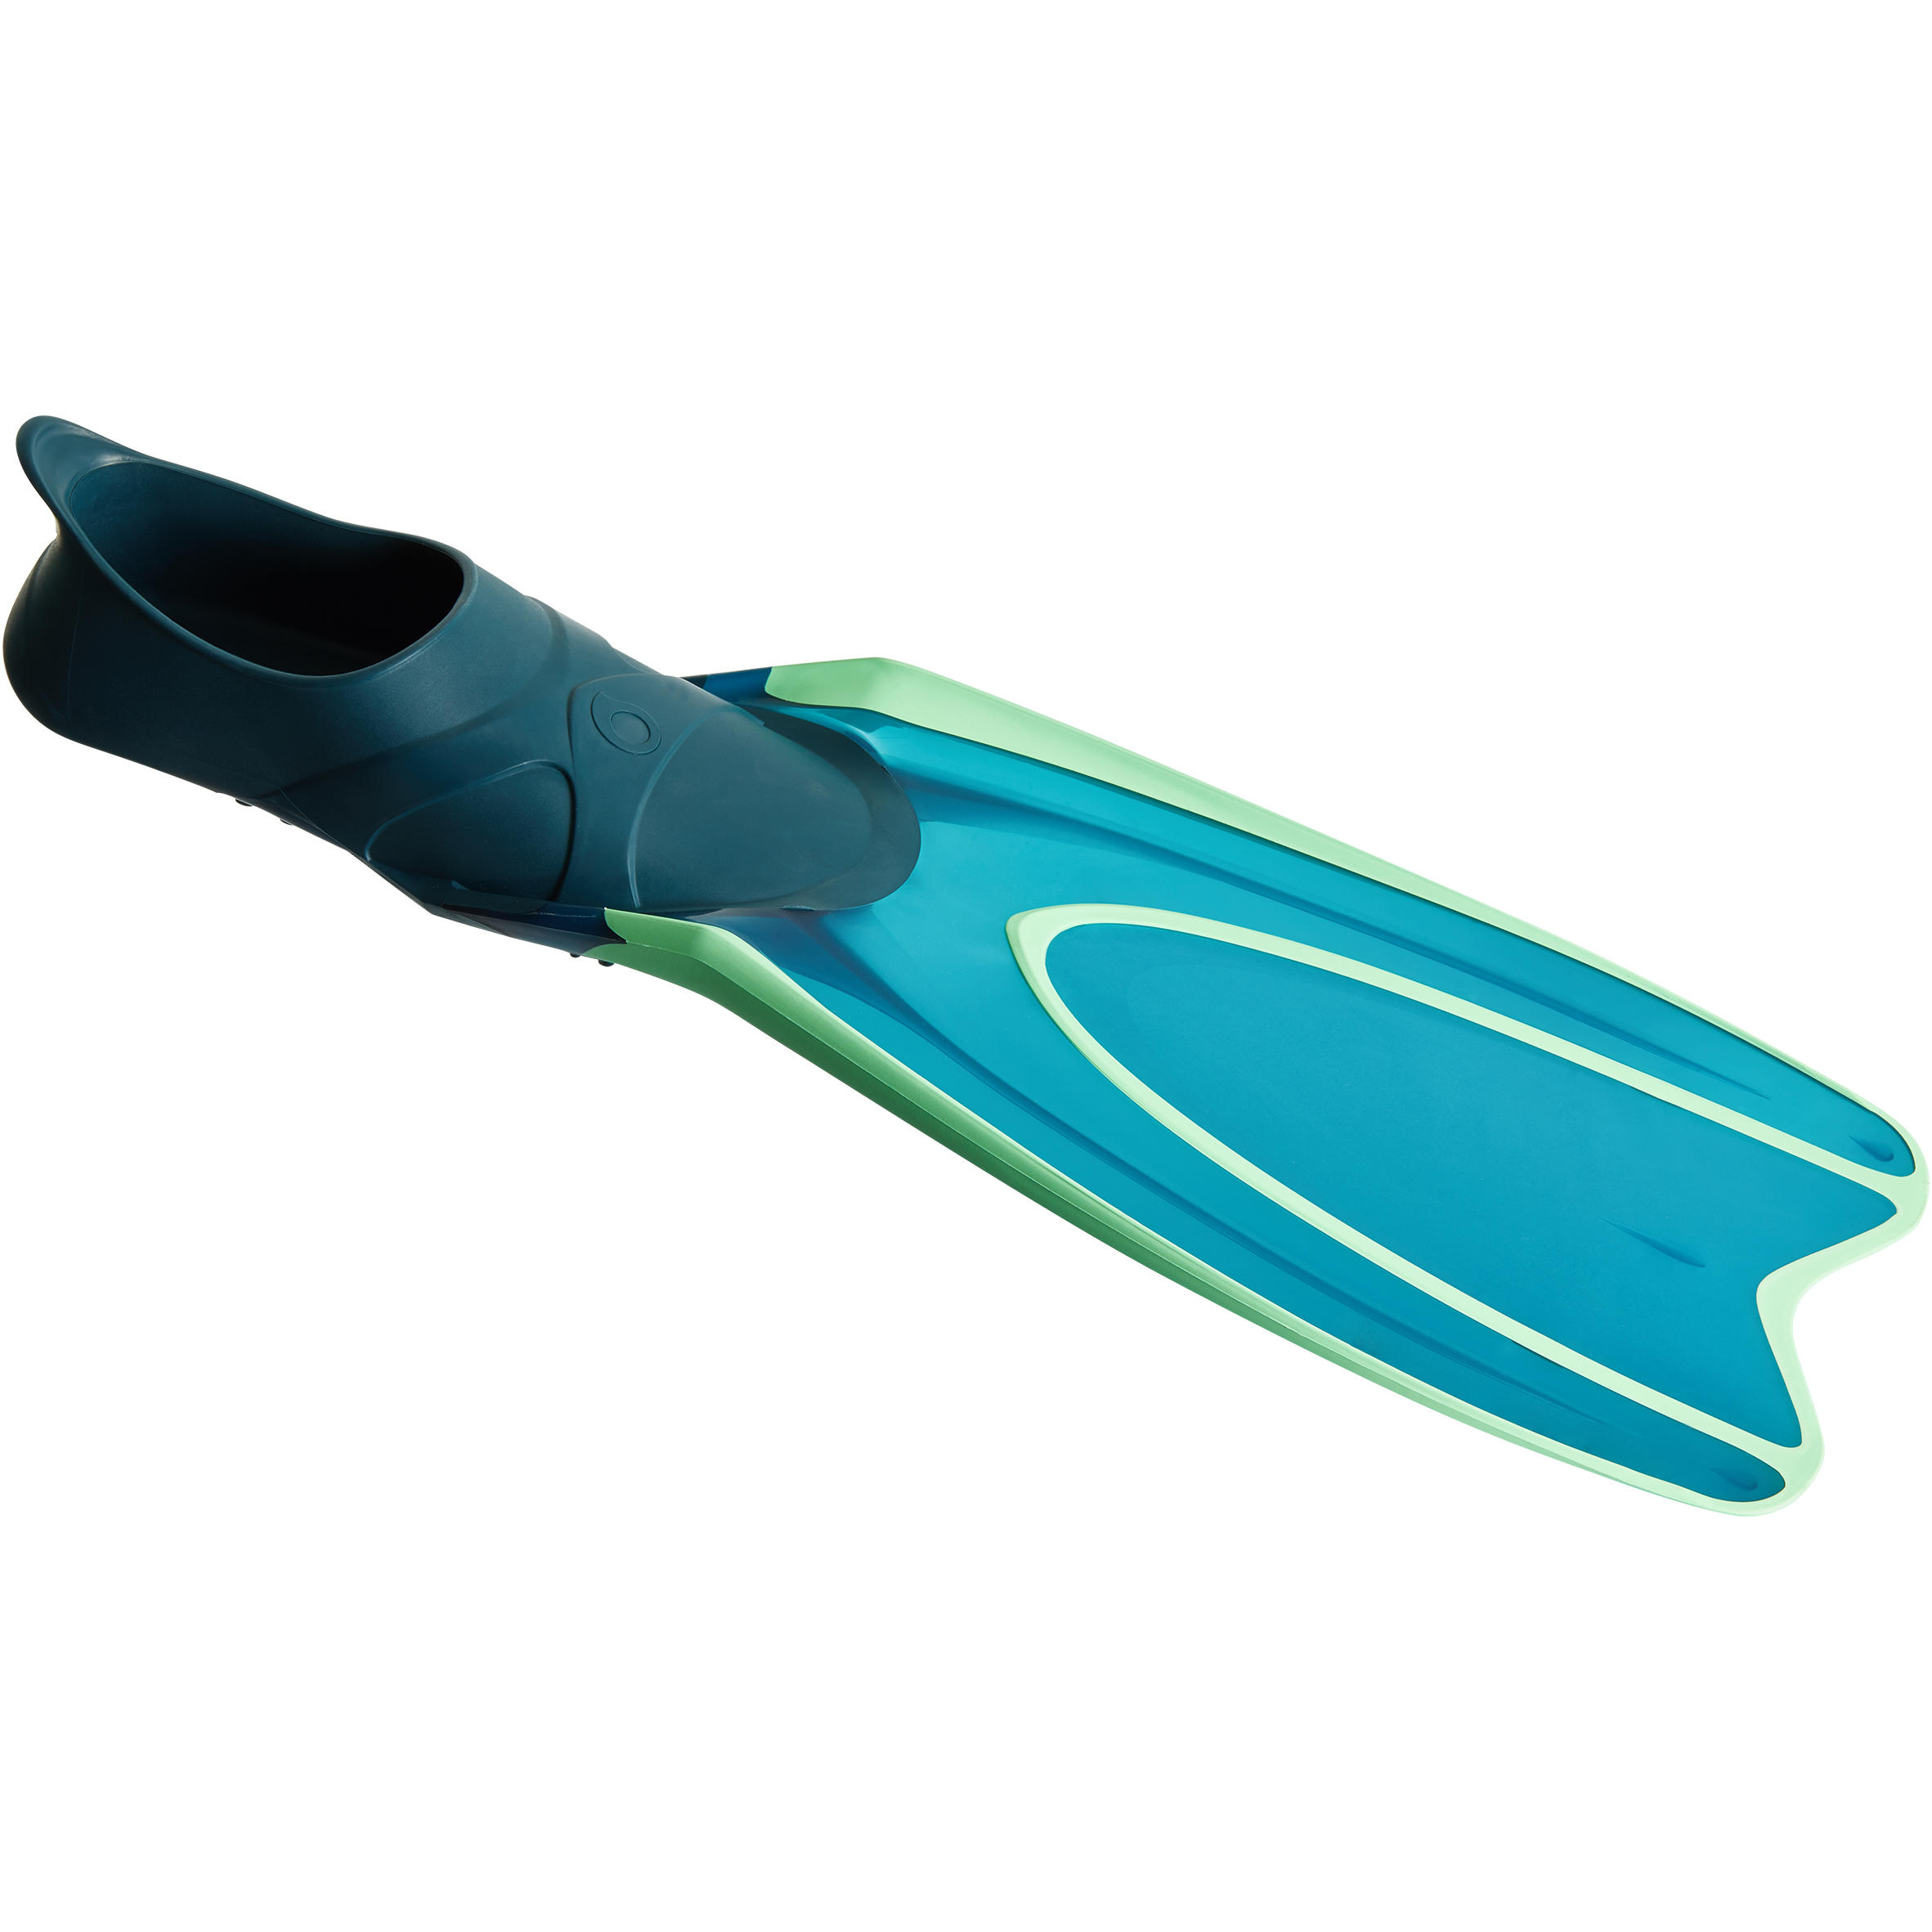 Palmes de snorkeling et plongée bouteille SNK 540 adulte turquoises vertes fluo